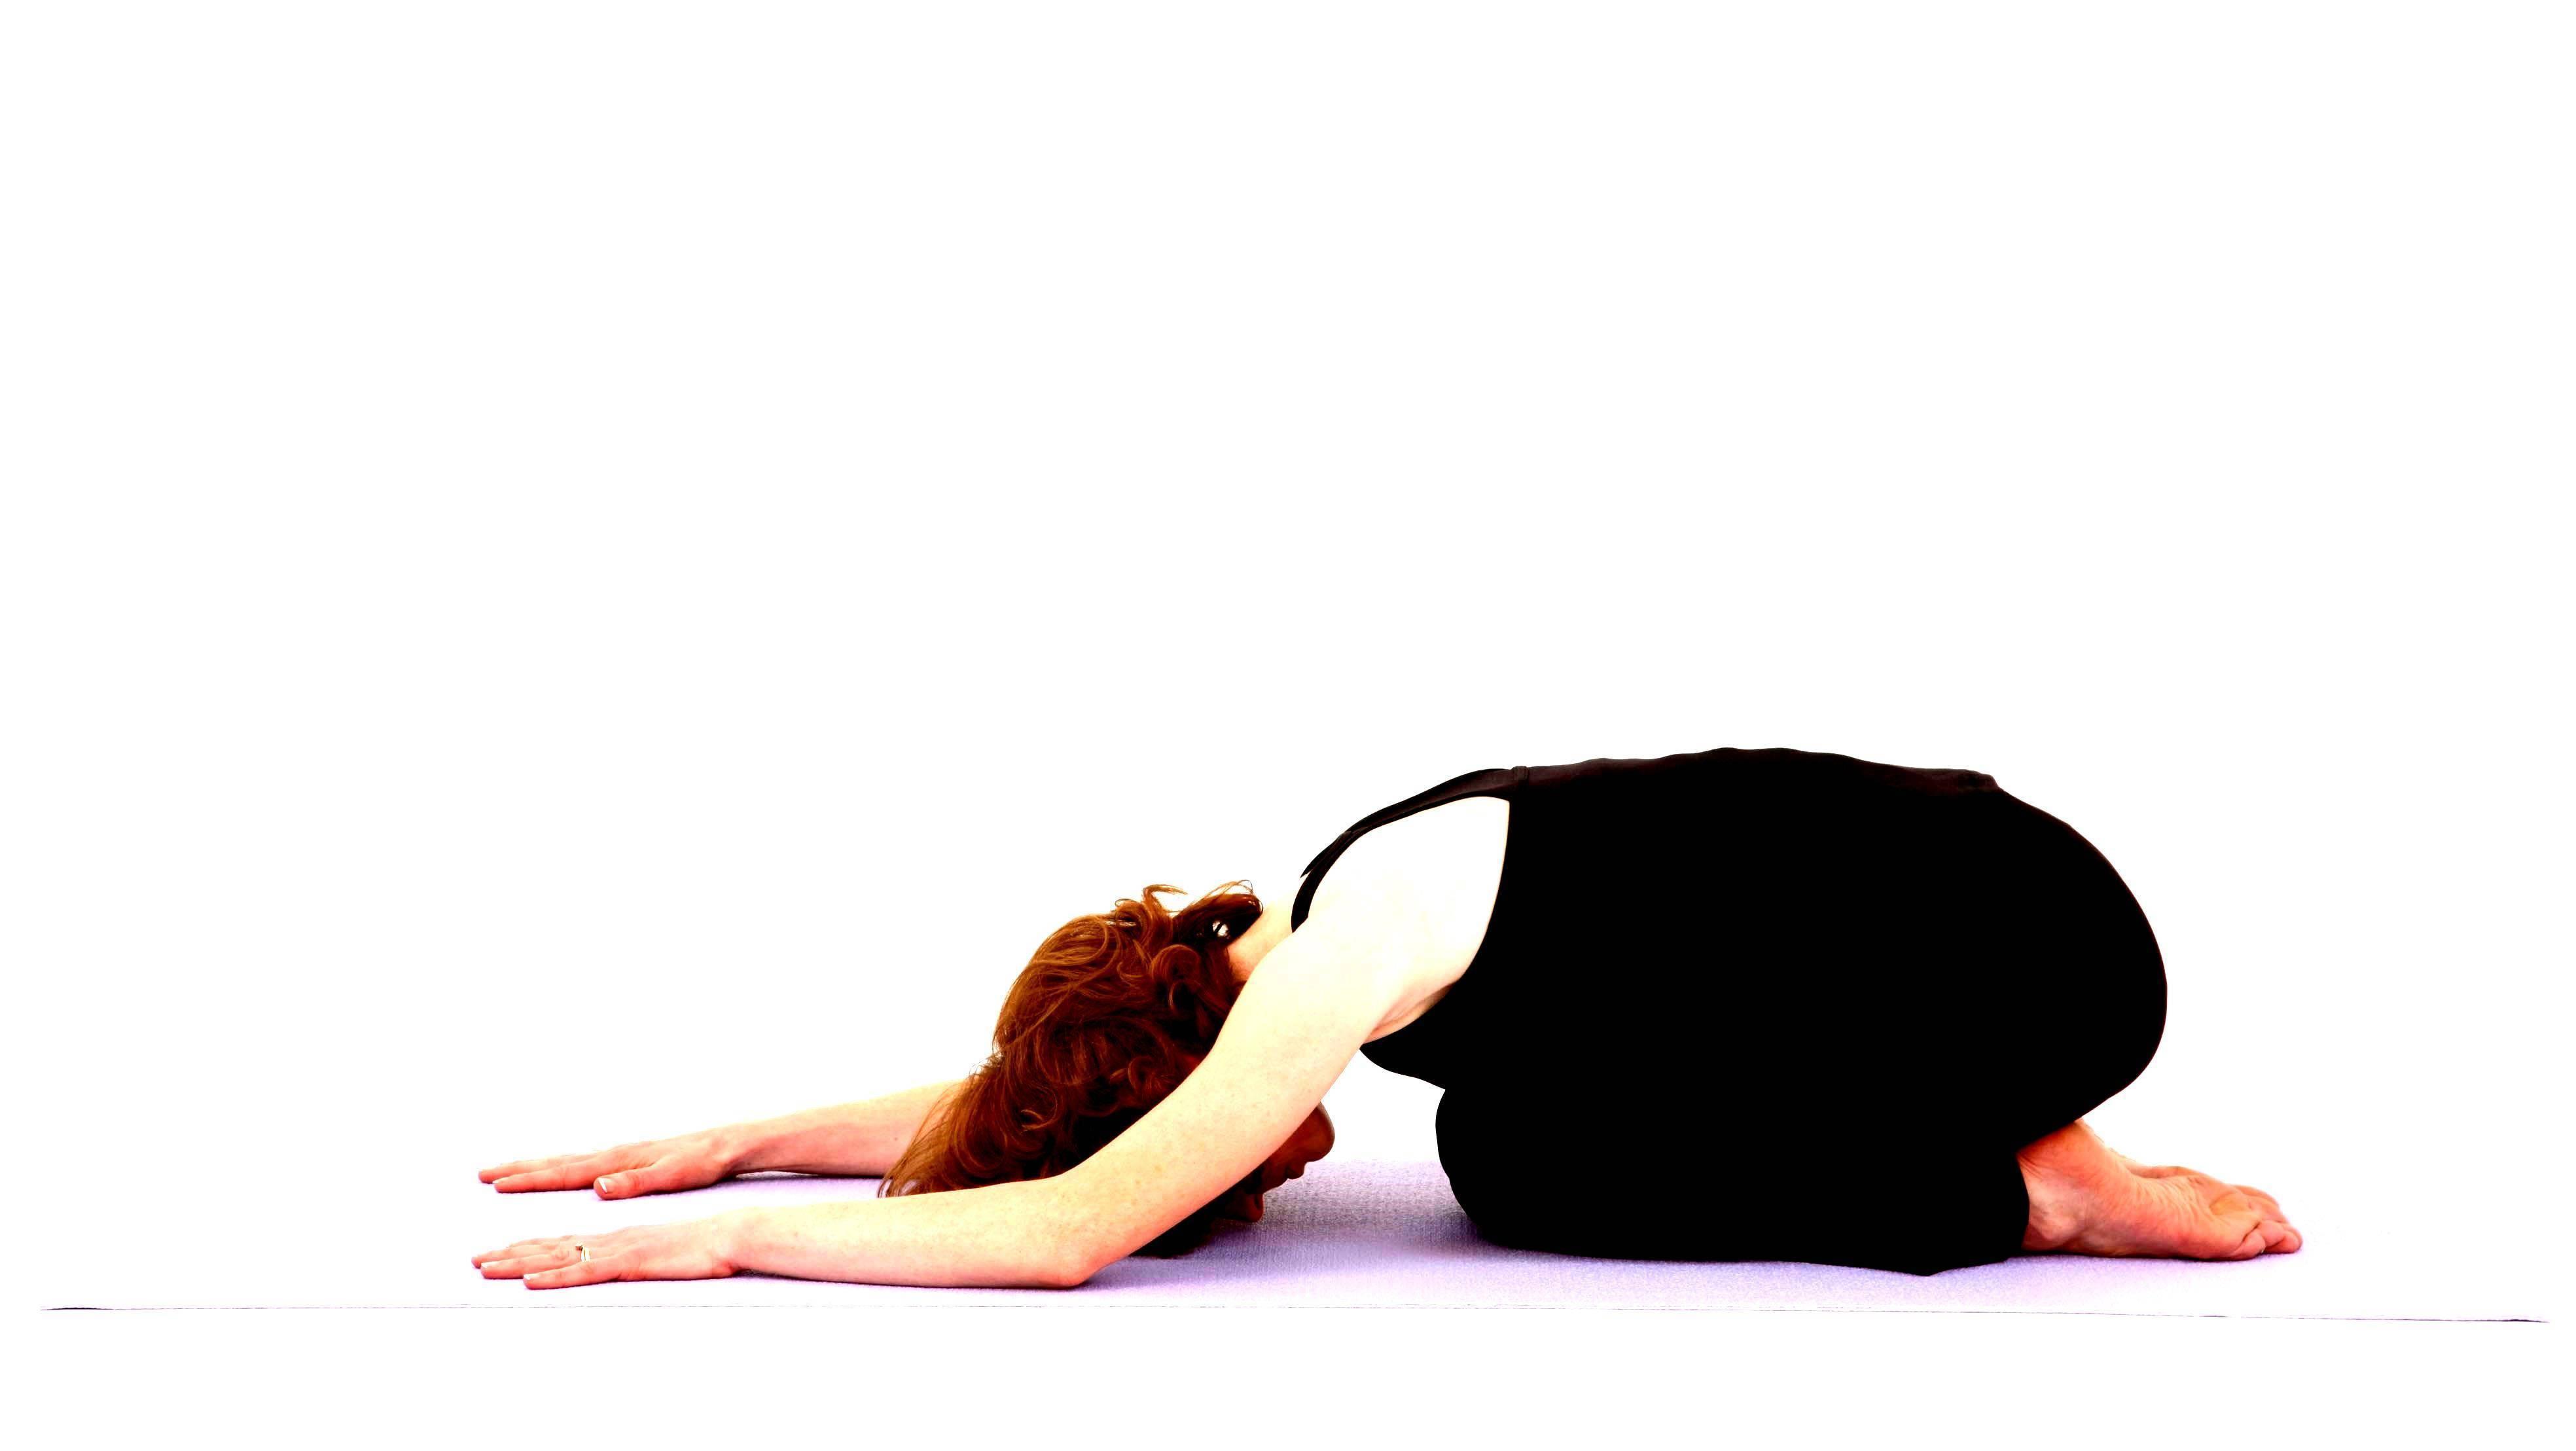 Гомукхасана: польза позы коровы в йоге, а также правильная техника выполнения